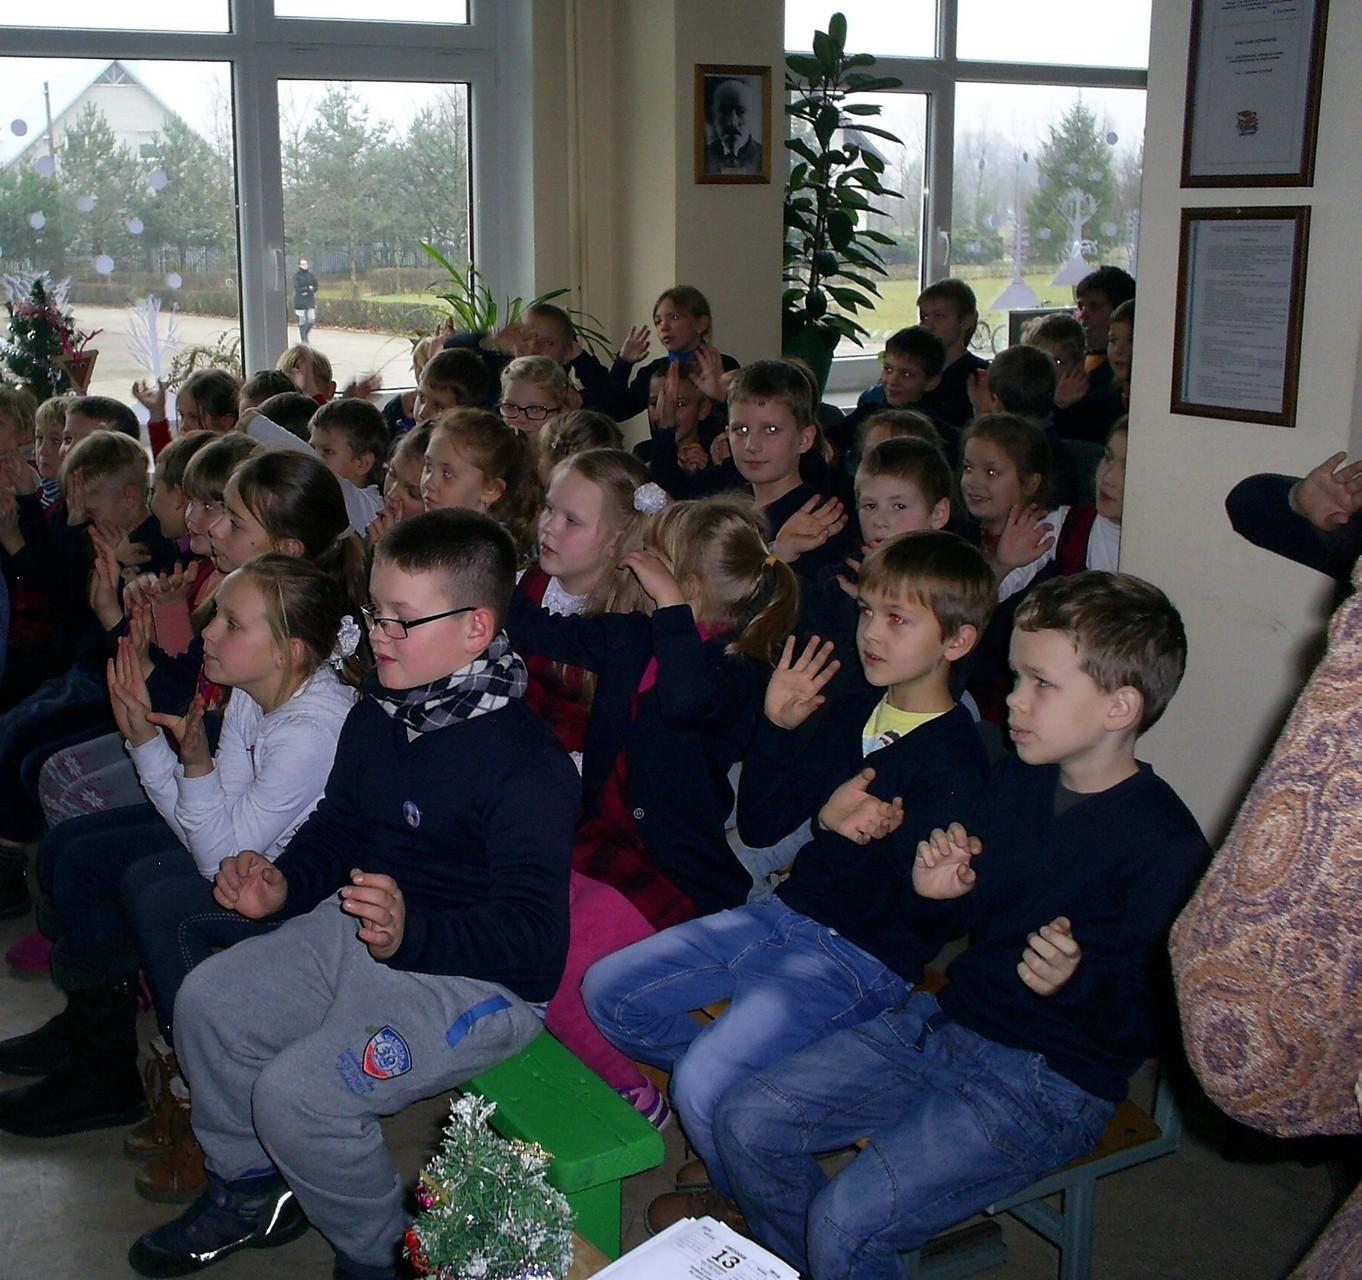 Vaikai dainuodami kvietė sniegą